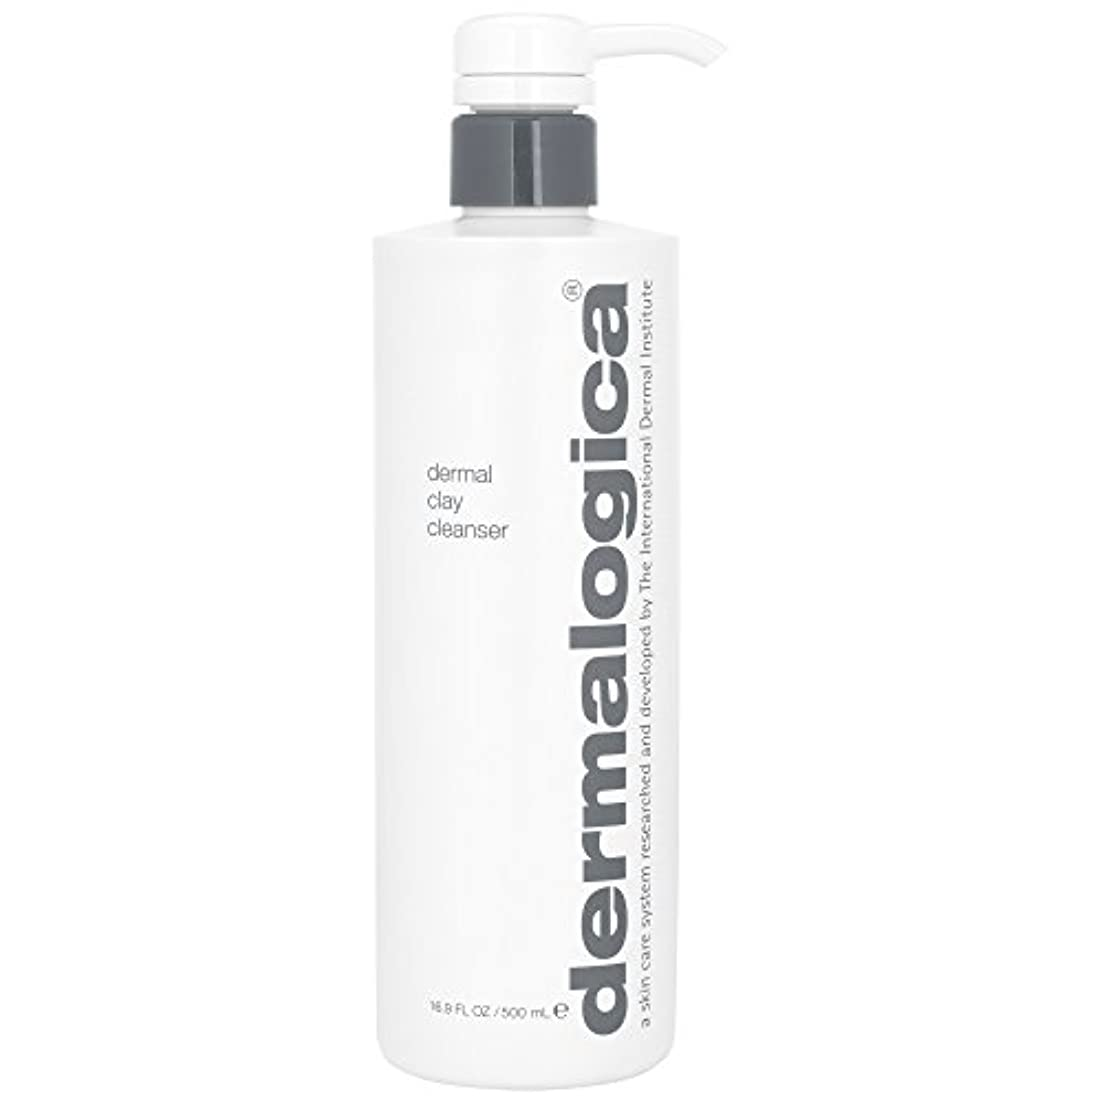 持参すみません覗くダーマロジカ真皮クレイクレンザー500ミリリットル (Dermalogica) (x2) - Dermalogica Dermal Clay Cleanser 500ml (Pack of 2) [並行輸入品]